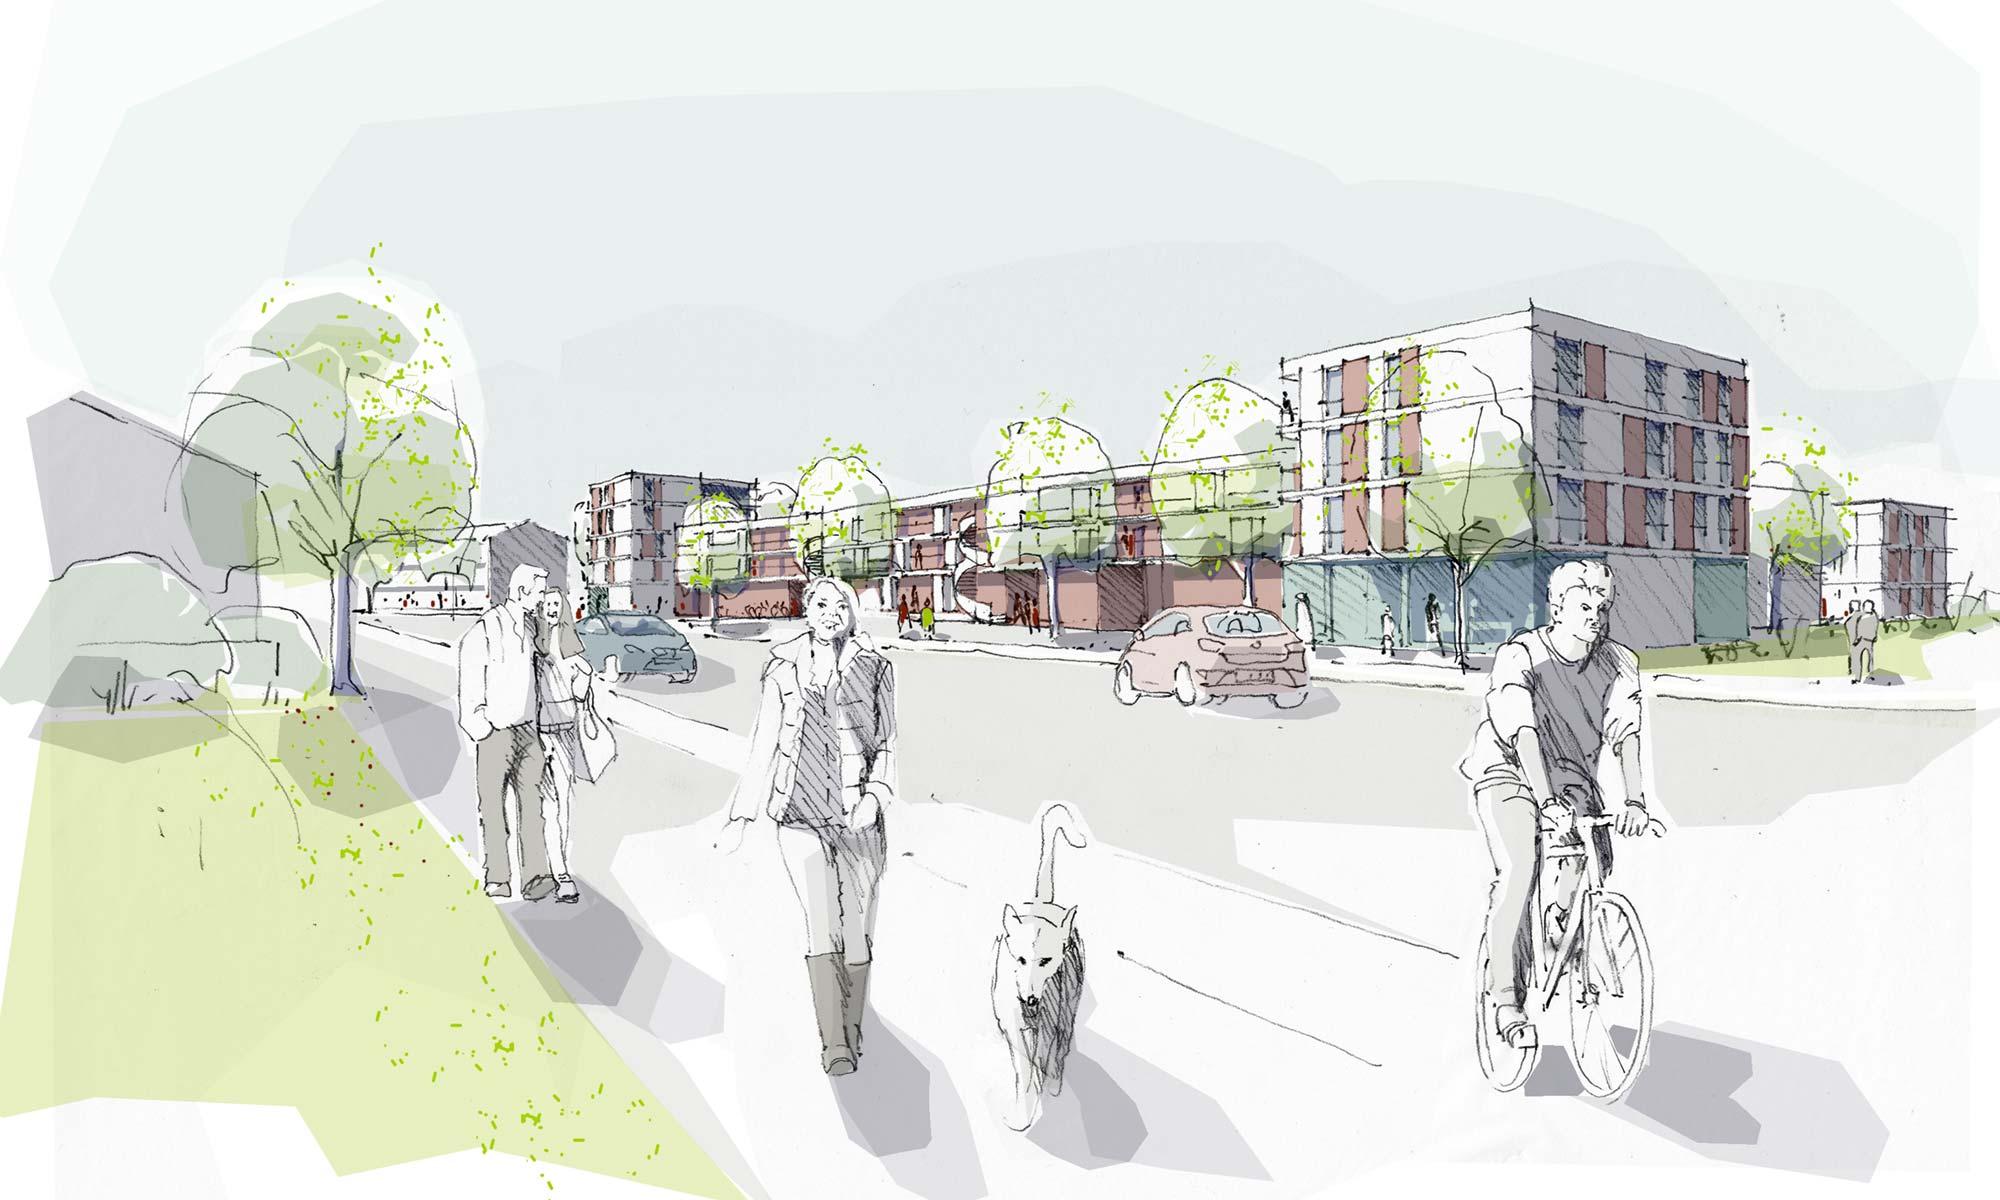 Wohnbebauung Nordwest Vaterstetten - Städtebau